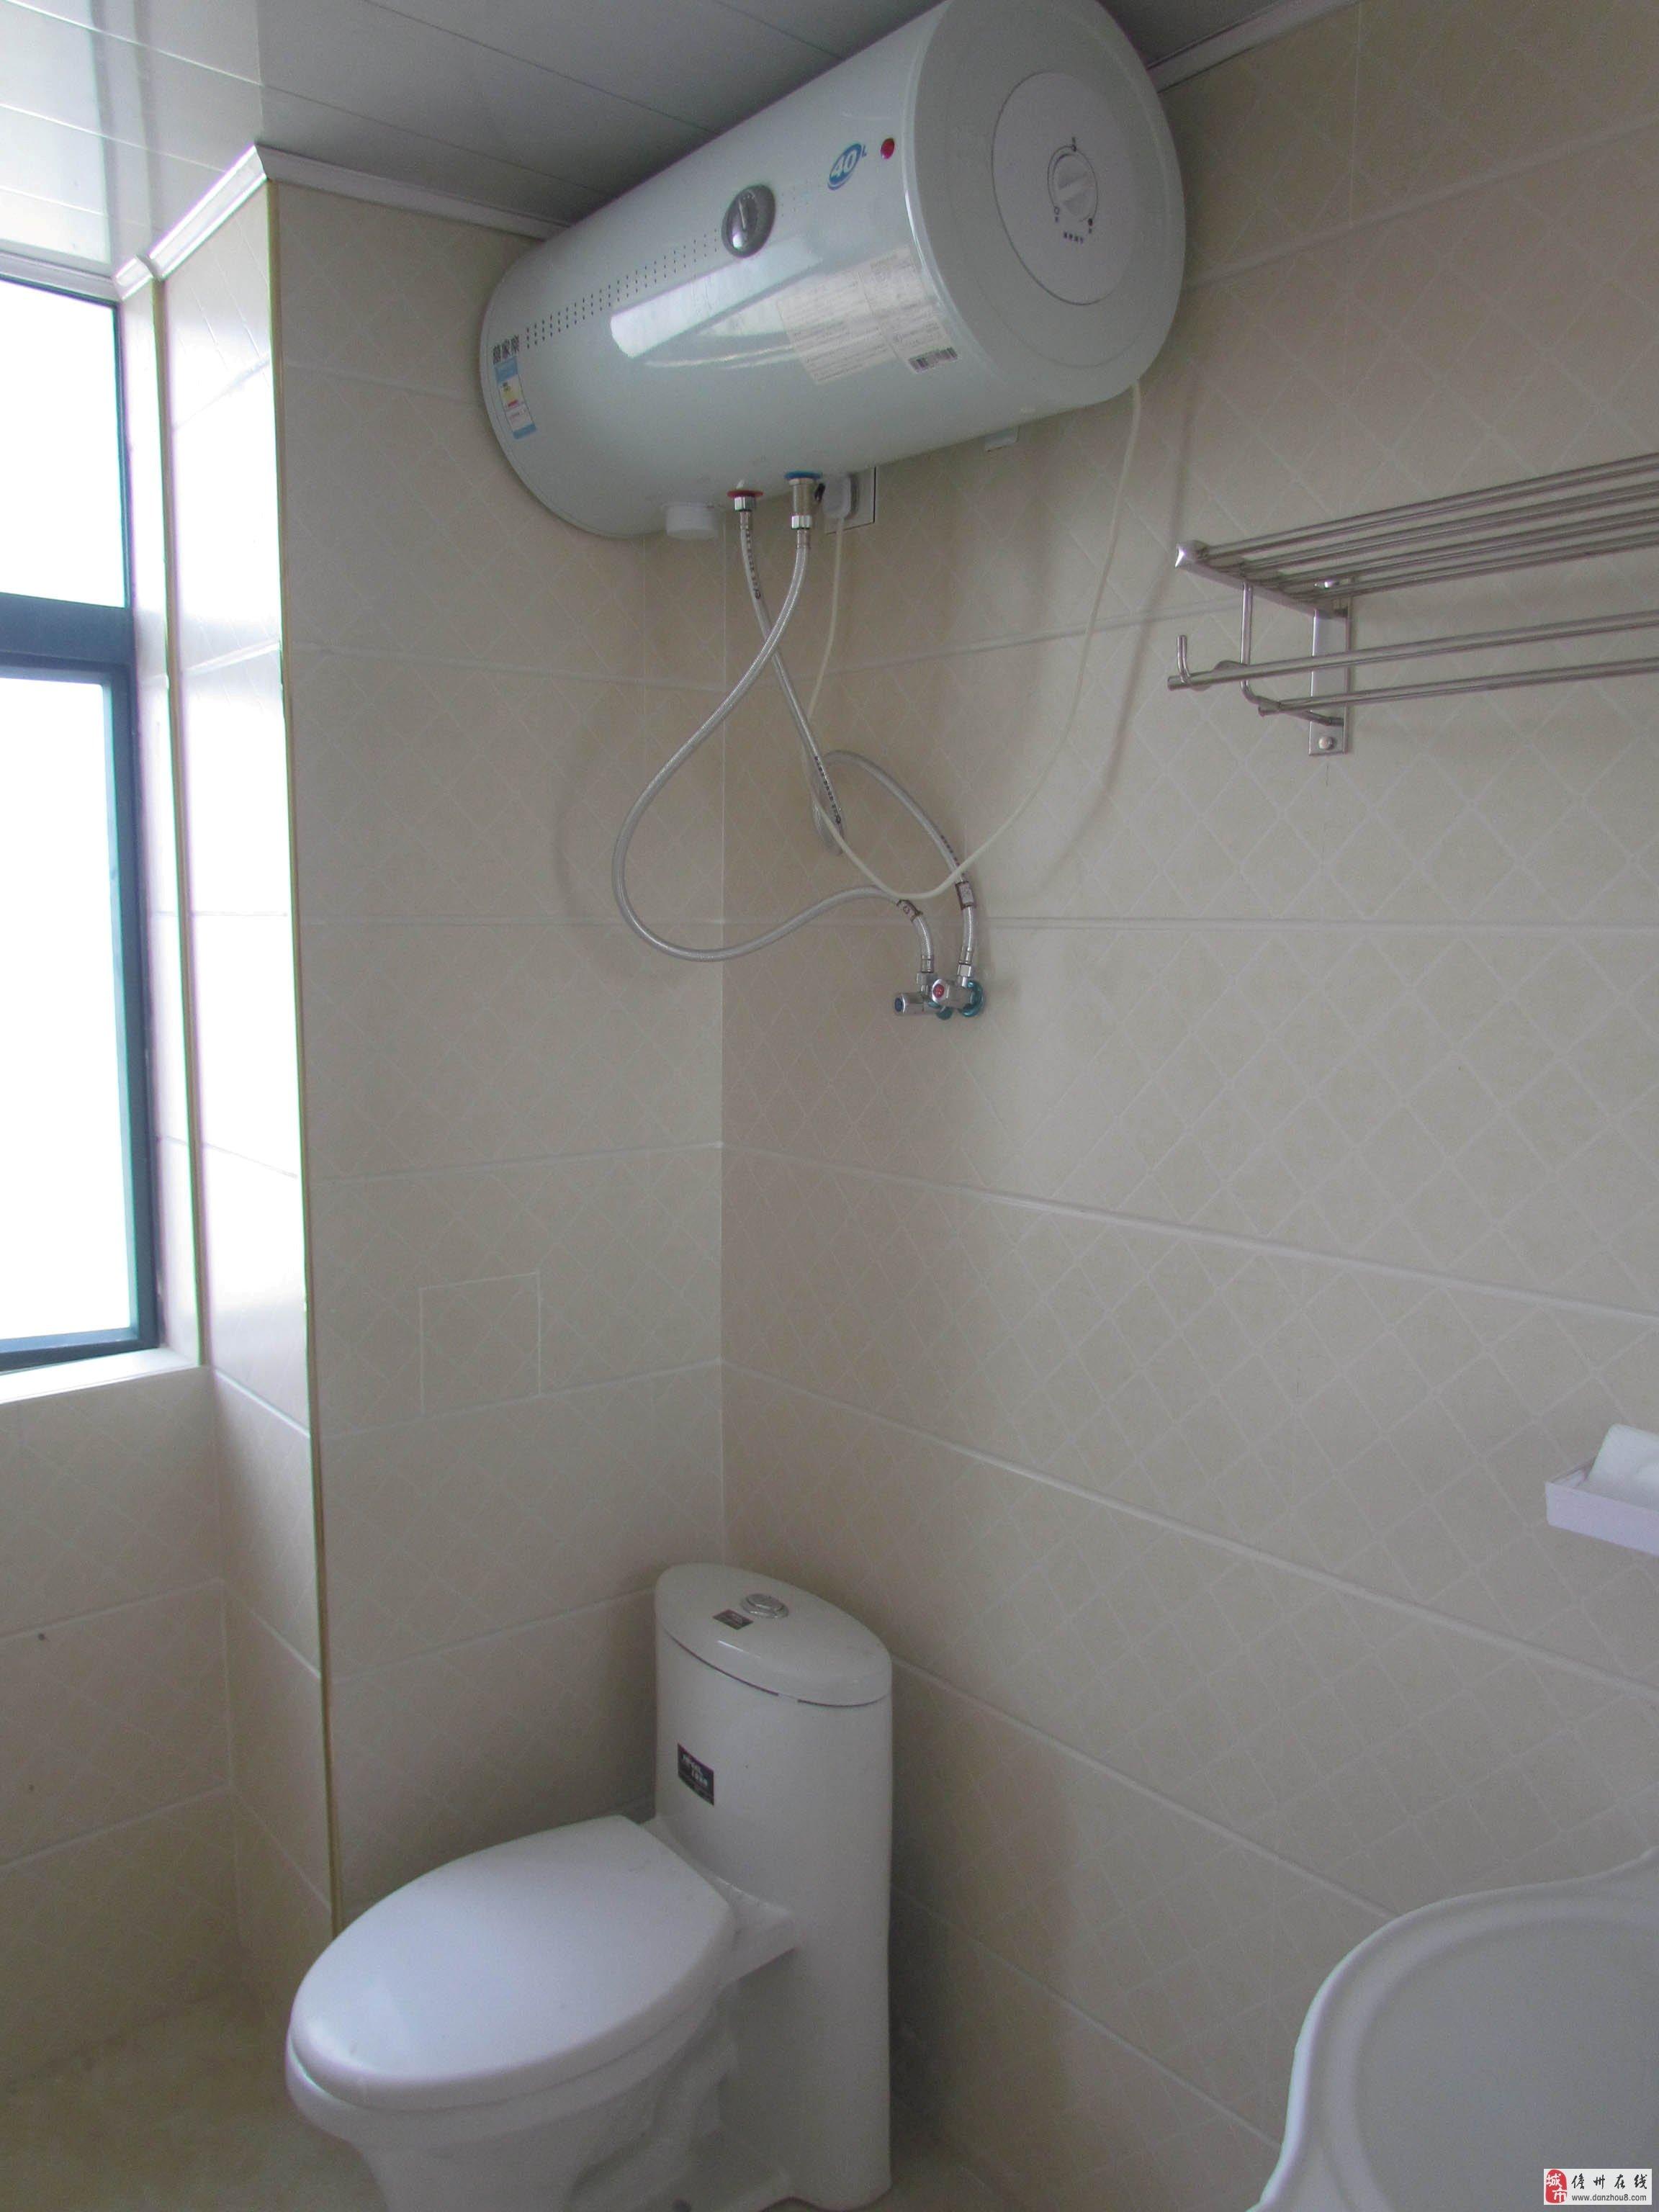 洗手间:洗衣机,坐便,洗手池,热水器,花洒. 主卧:空调,欧式床1.